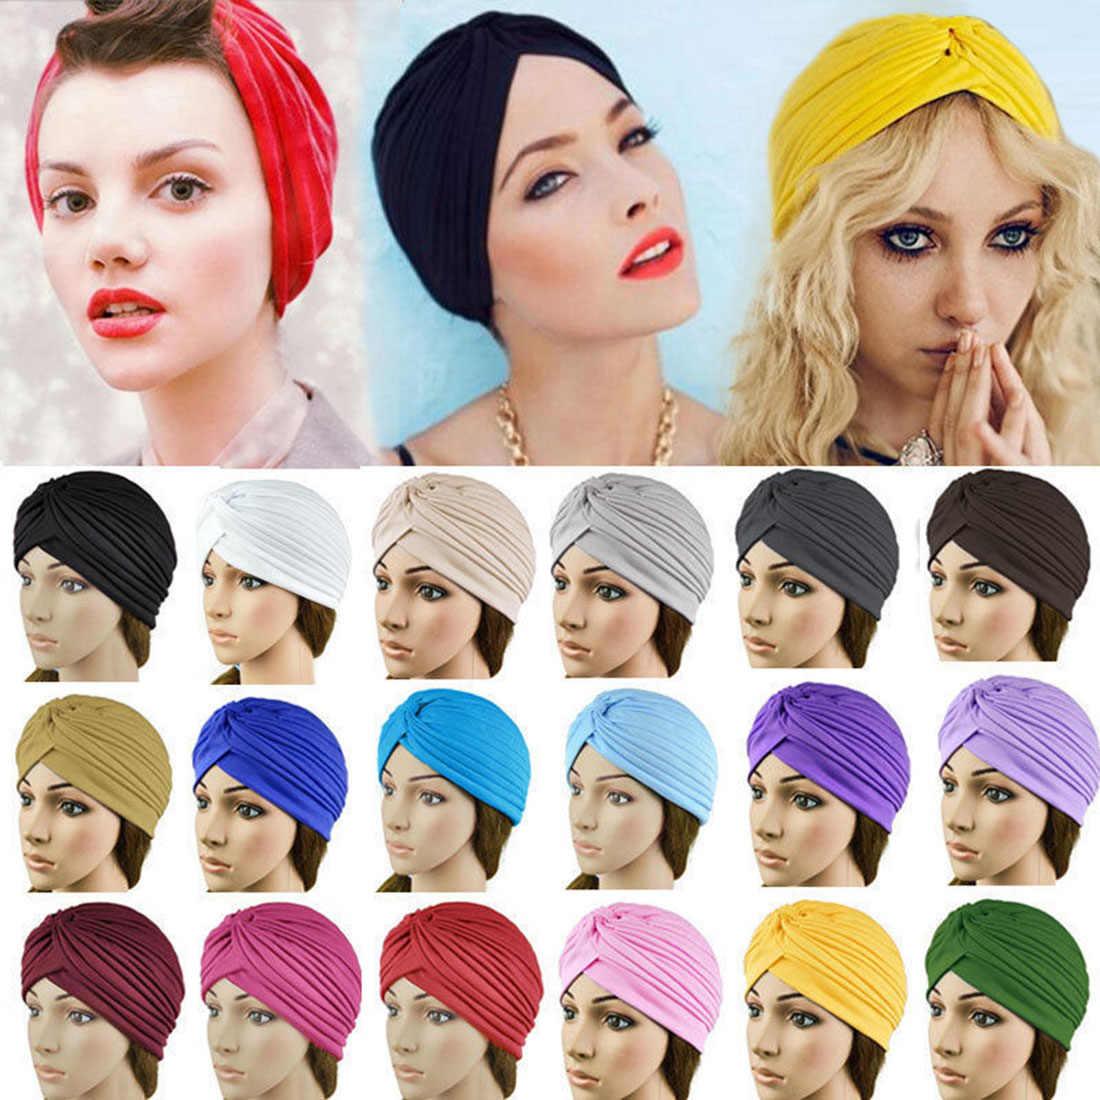 2019 nueva llegada de algodón sólido pañuelos elástico turbante sombrero musulmán de nudo indio tapa adultos mujeres accesorio para el pelo